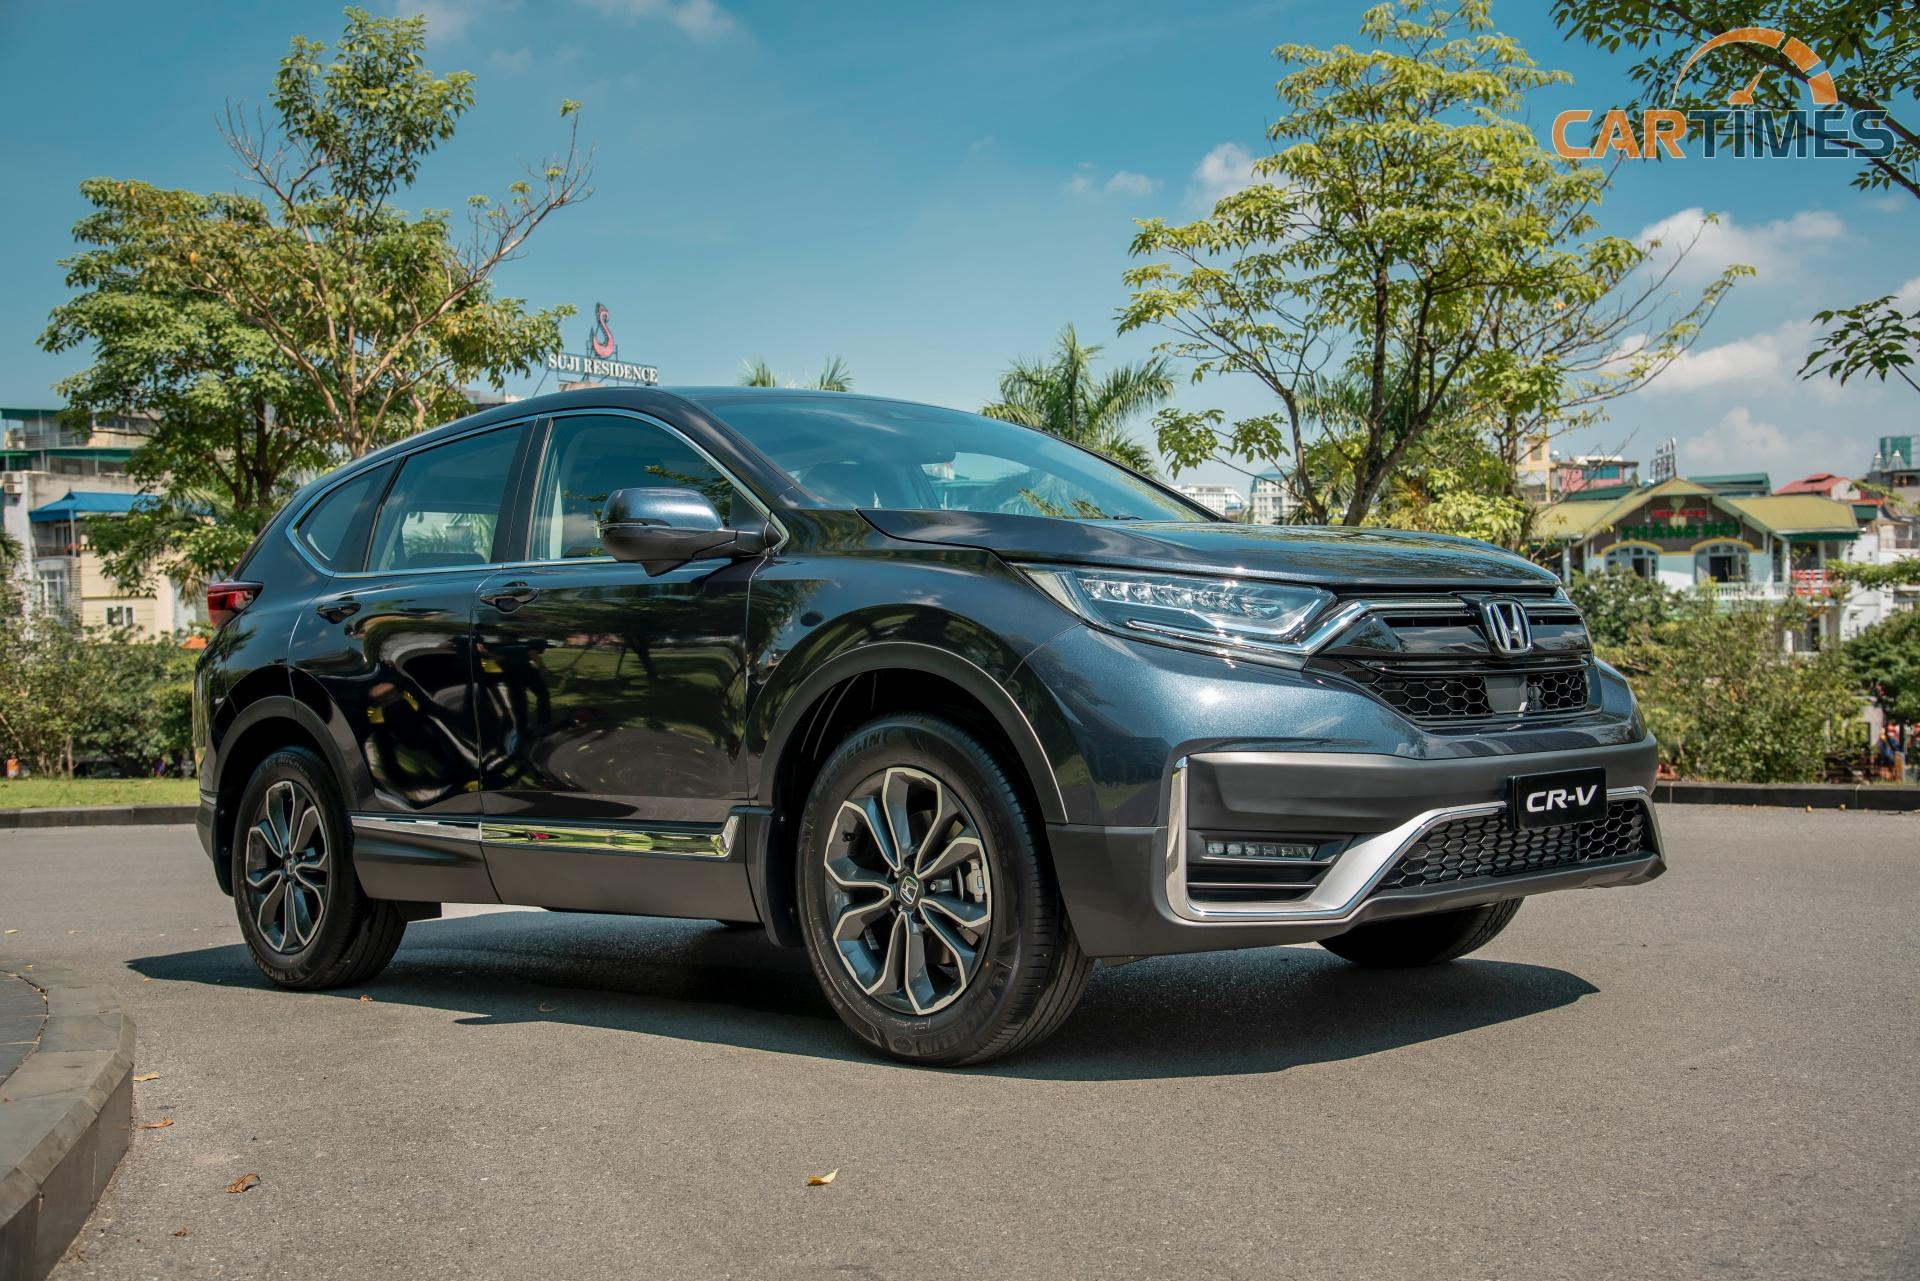 Tìm hiểu công nghệ Honda Sensing trên mẫu xe CR-V 2020 vừa ra mắt thị trường Việt Nam                                            -1